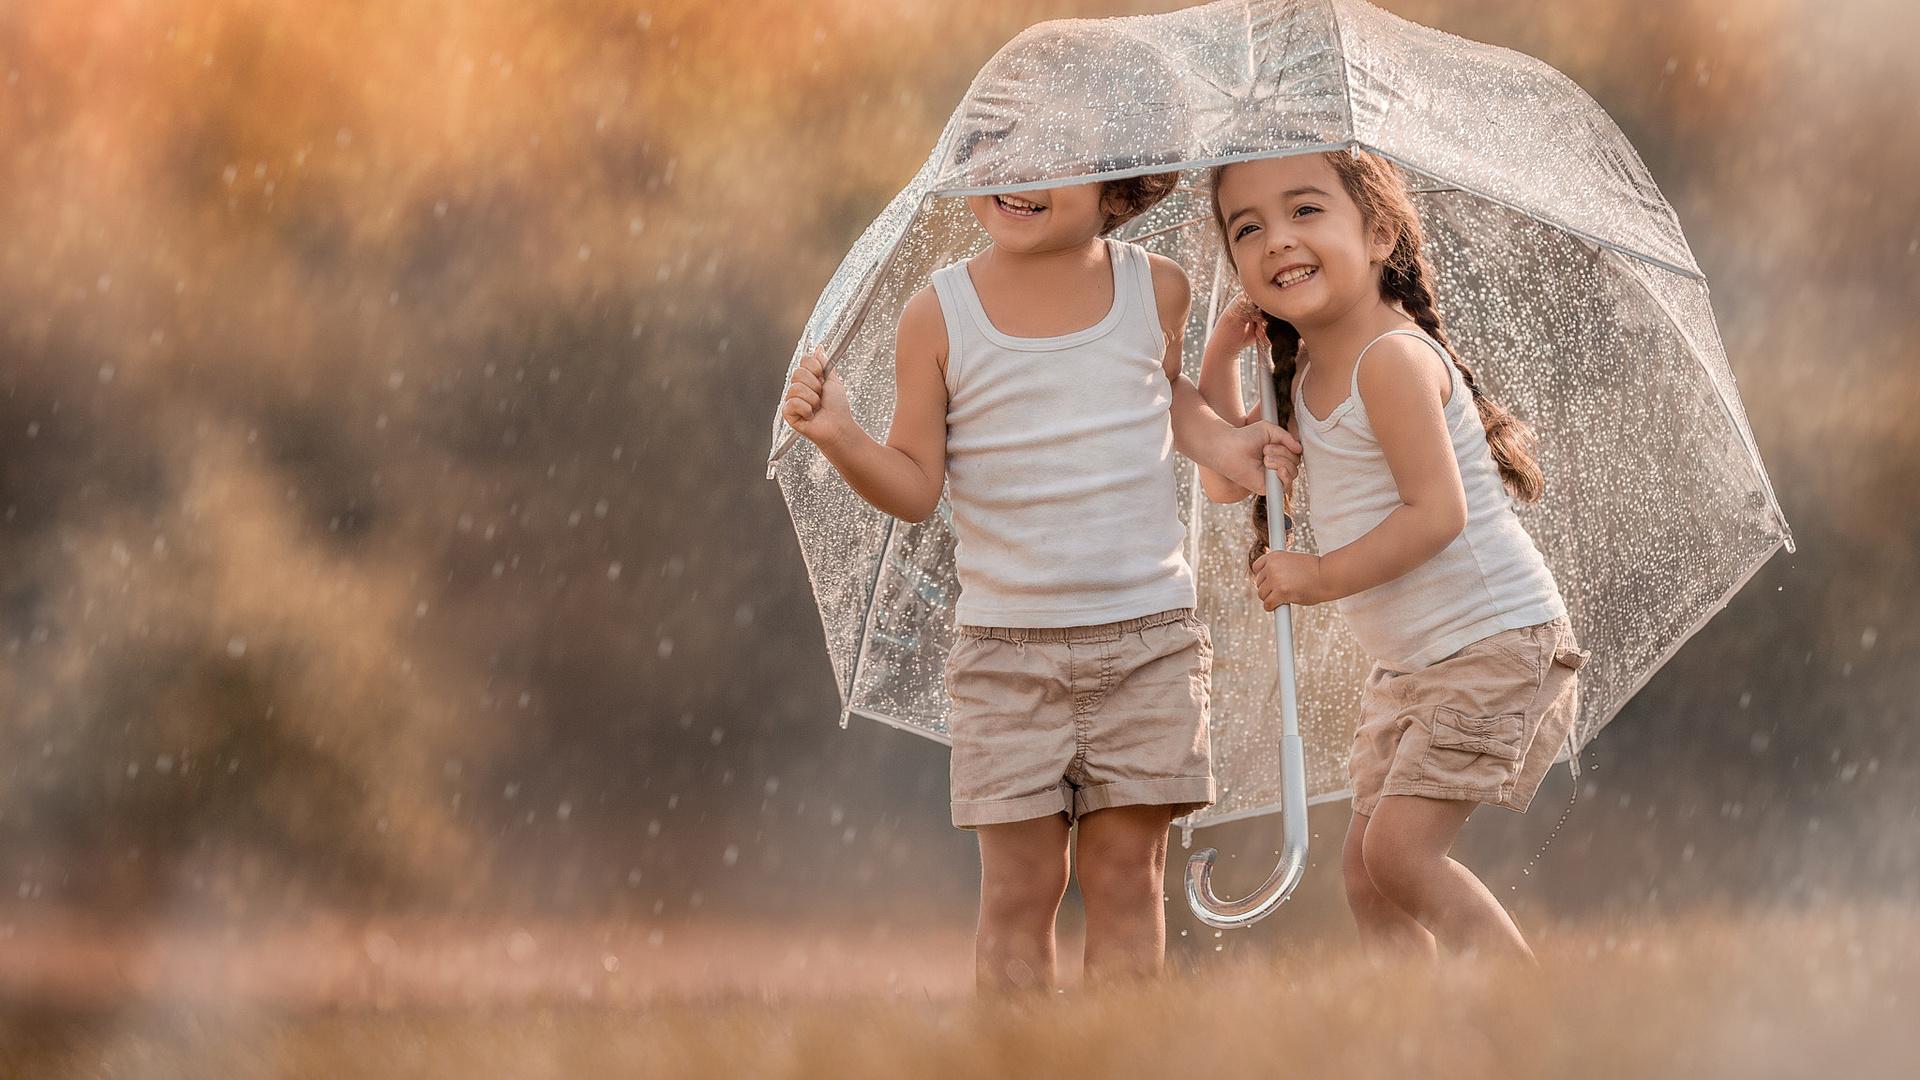 Картинка девочка с мамой под дождем что означает